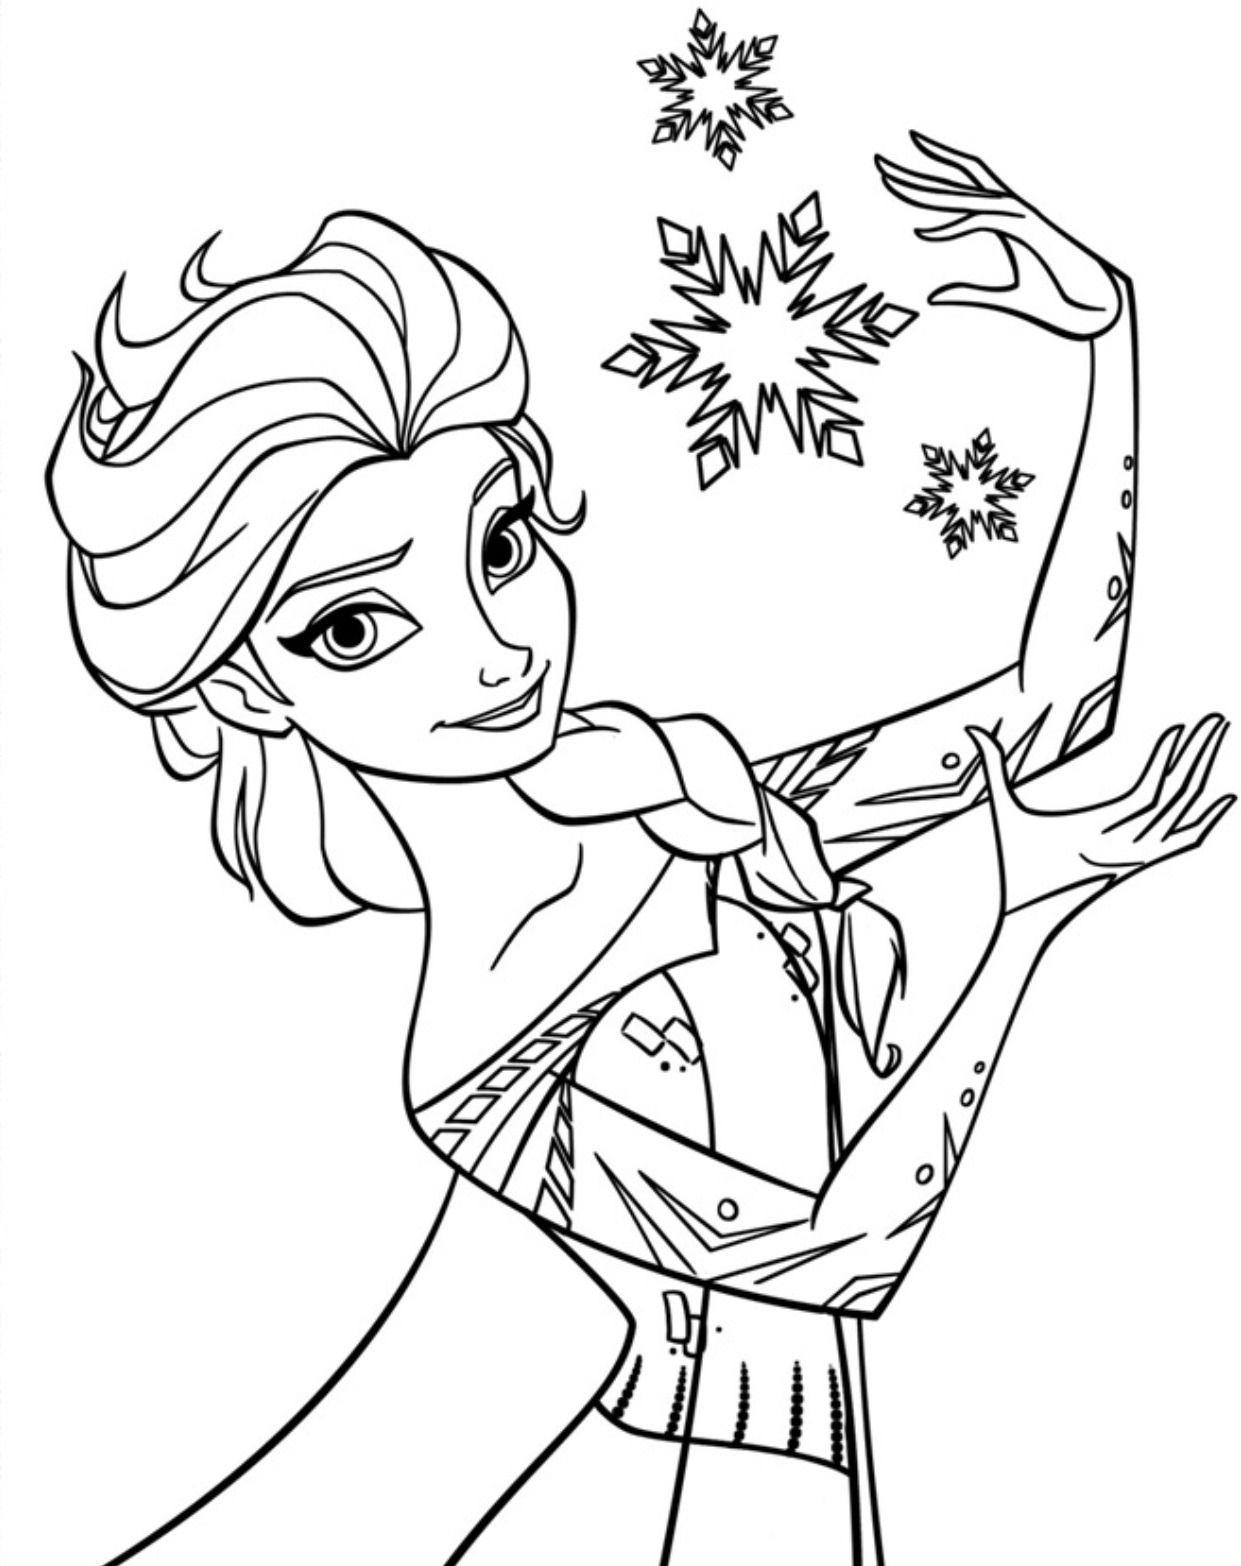 See  Best Images Of Free Printable Elsa Coloring Pages Interesting Free Printable Elsa Coloring Pages Pictures Elsa Coloring Pages Print Frozen Coloring